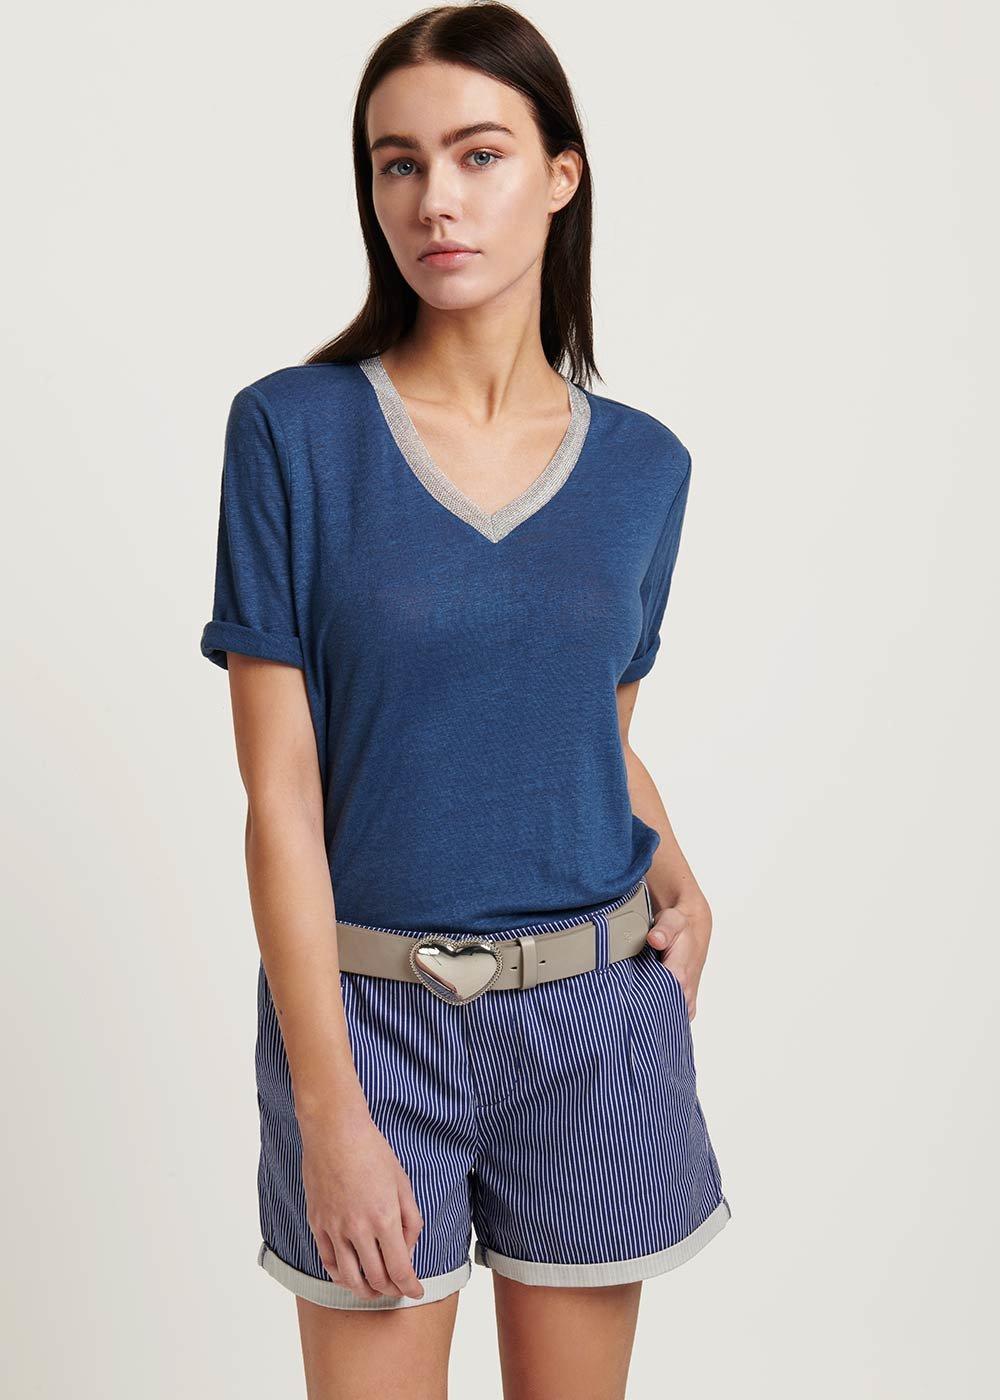 T-shirt Samanta scollo a V - Avion - Donna